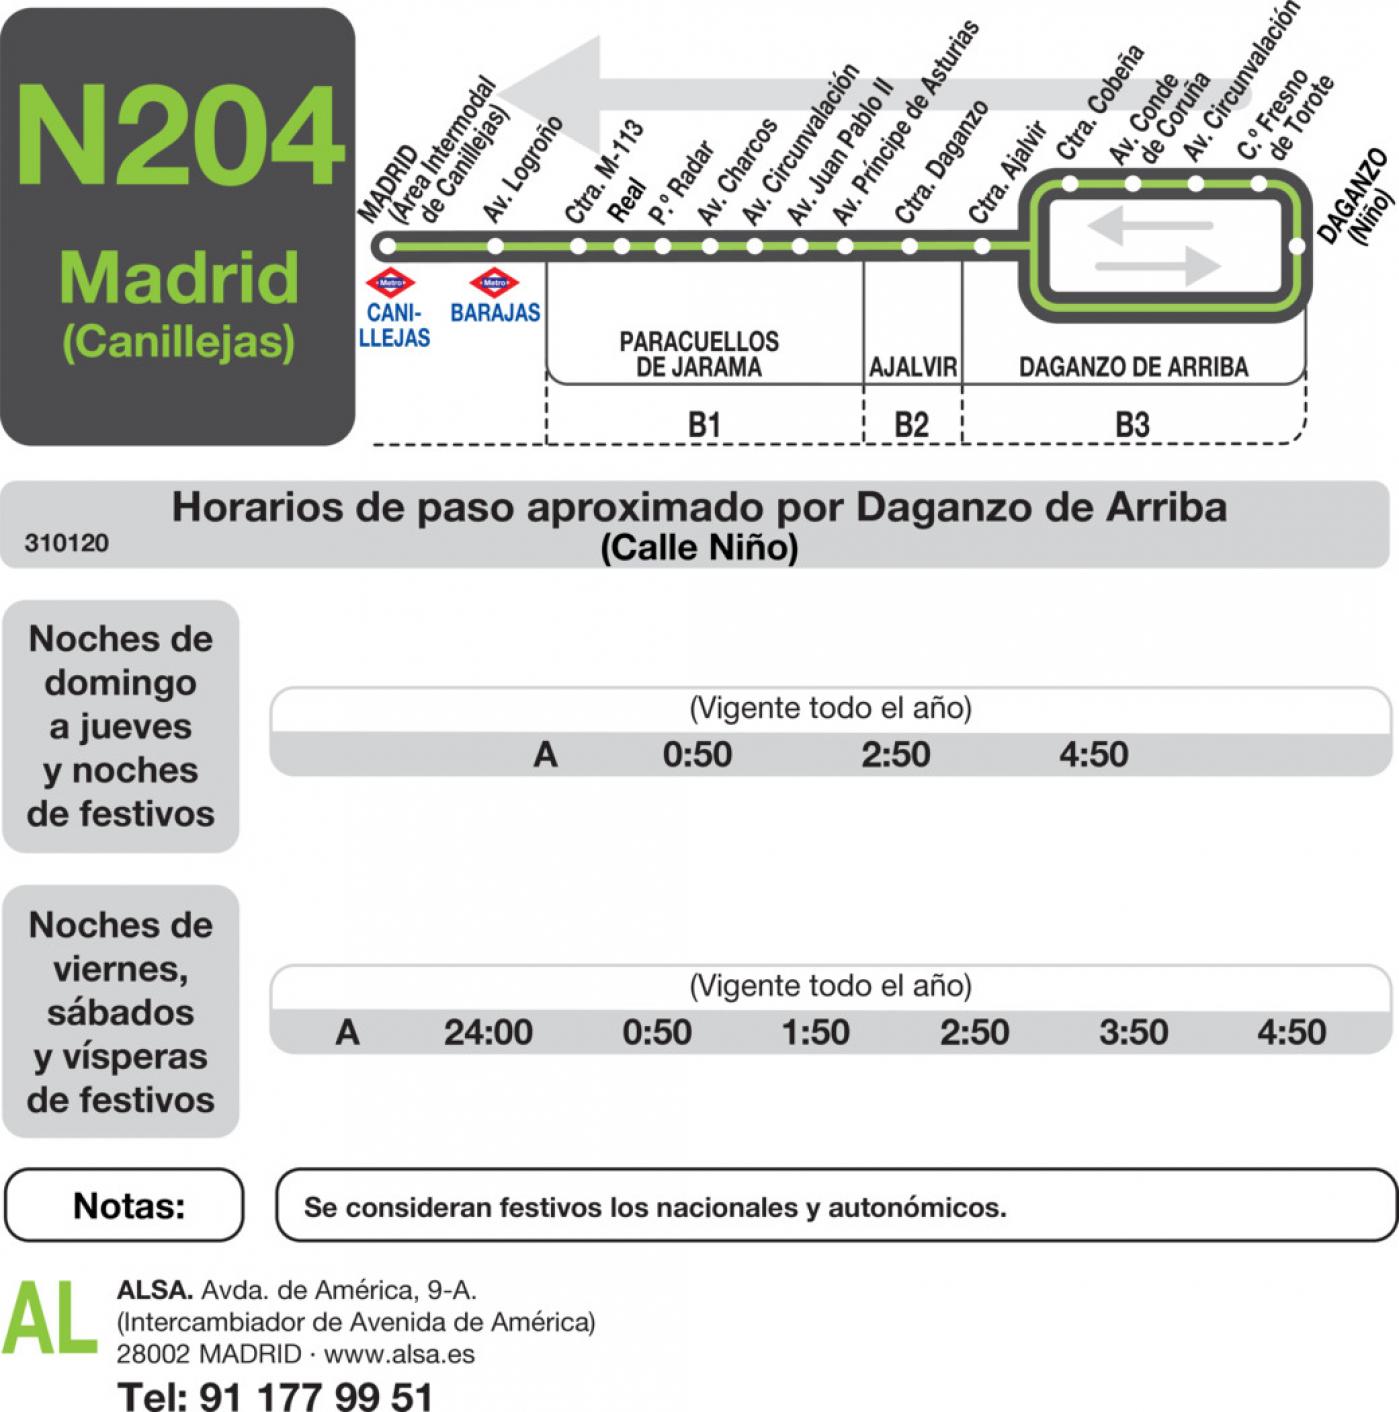 Tabla de horarios y frecuencias de paso en sentido vuelta Línea N-204: Madrid (Canillejas) - Paracuellos - Daganzo